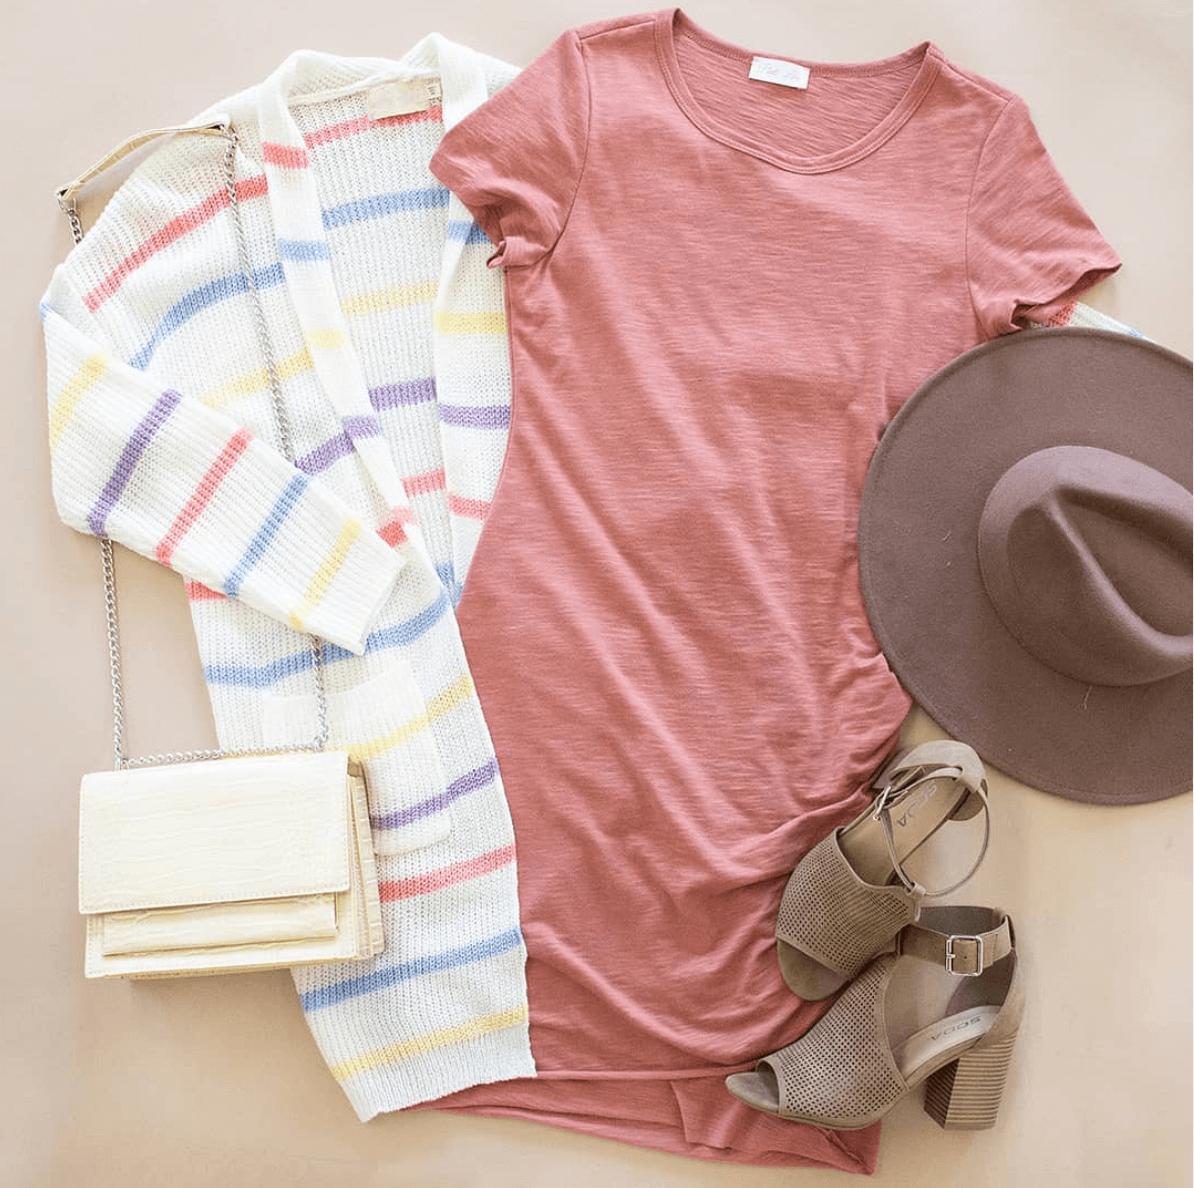 Λευκή μάλλινη ζακέτα με κόκκινες. μοβ. κίτρινες και μπλε ρίγες, ροζ μπλούζα και λευκό τσαντάκι